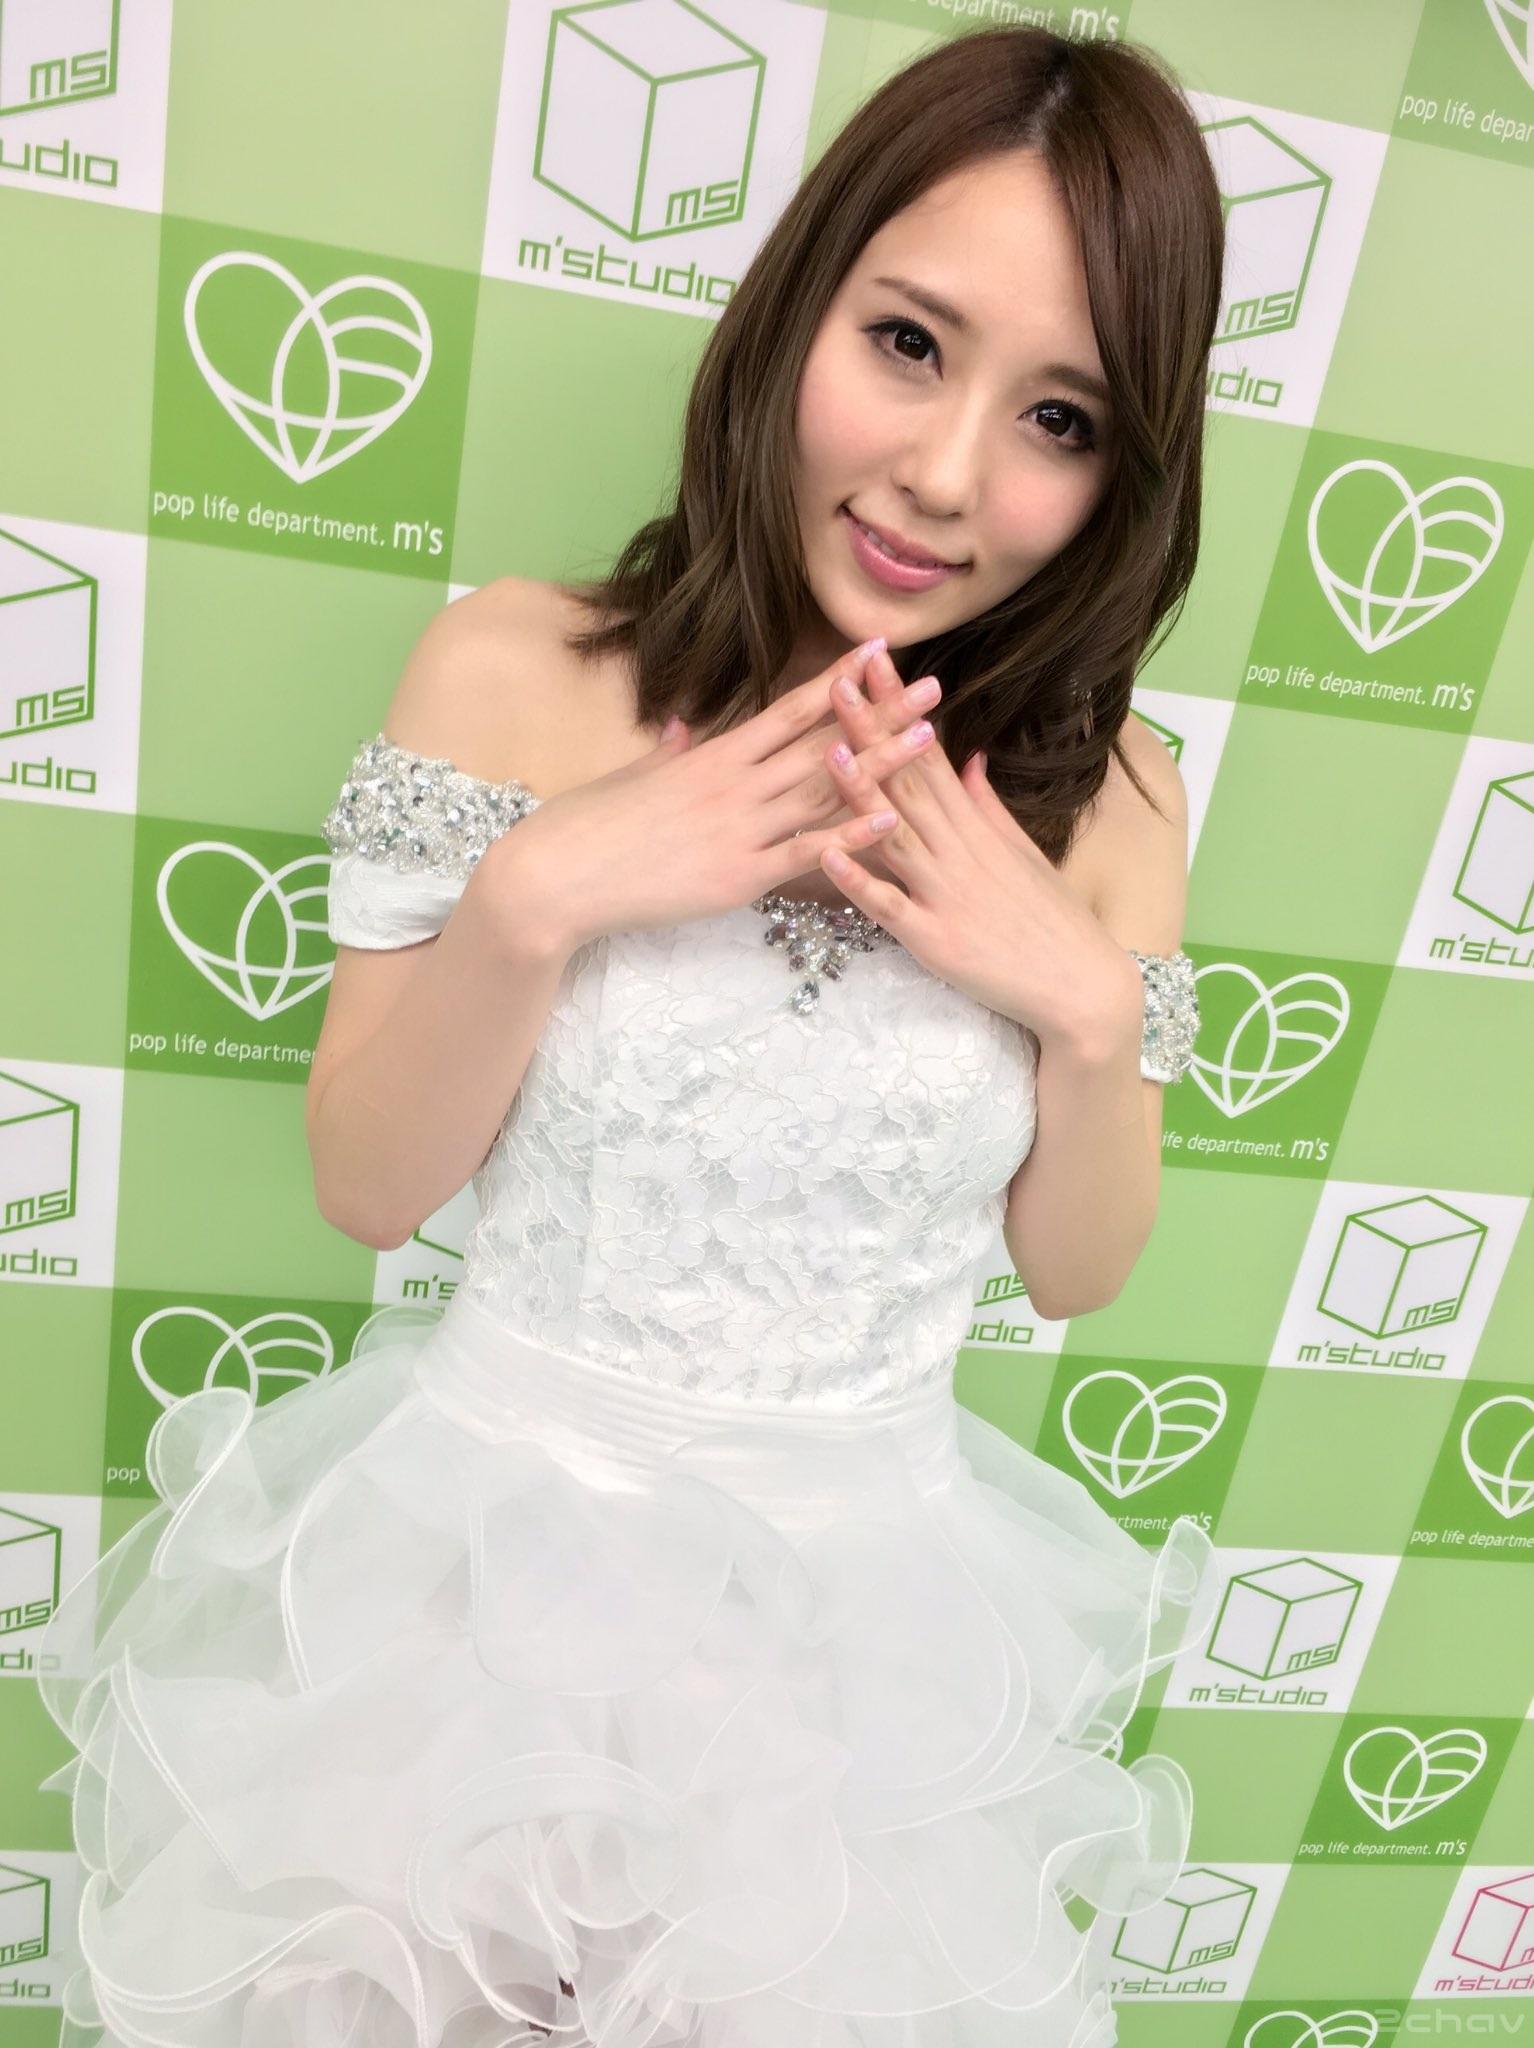 桜木凛002